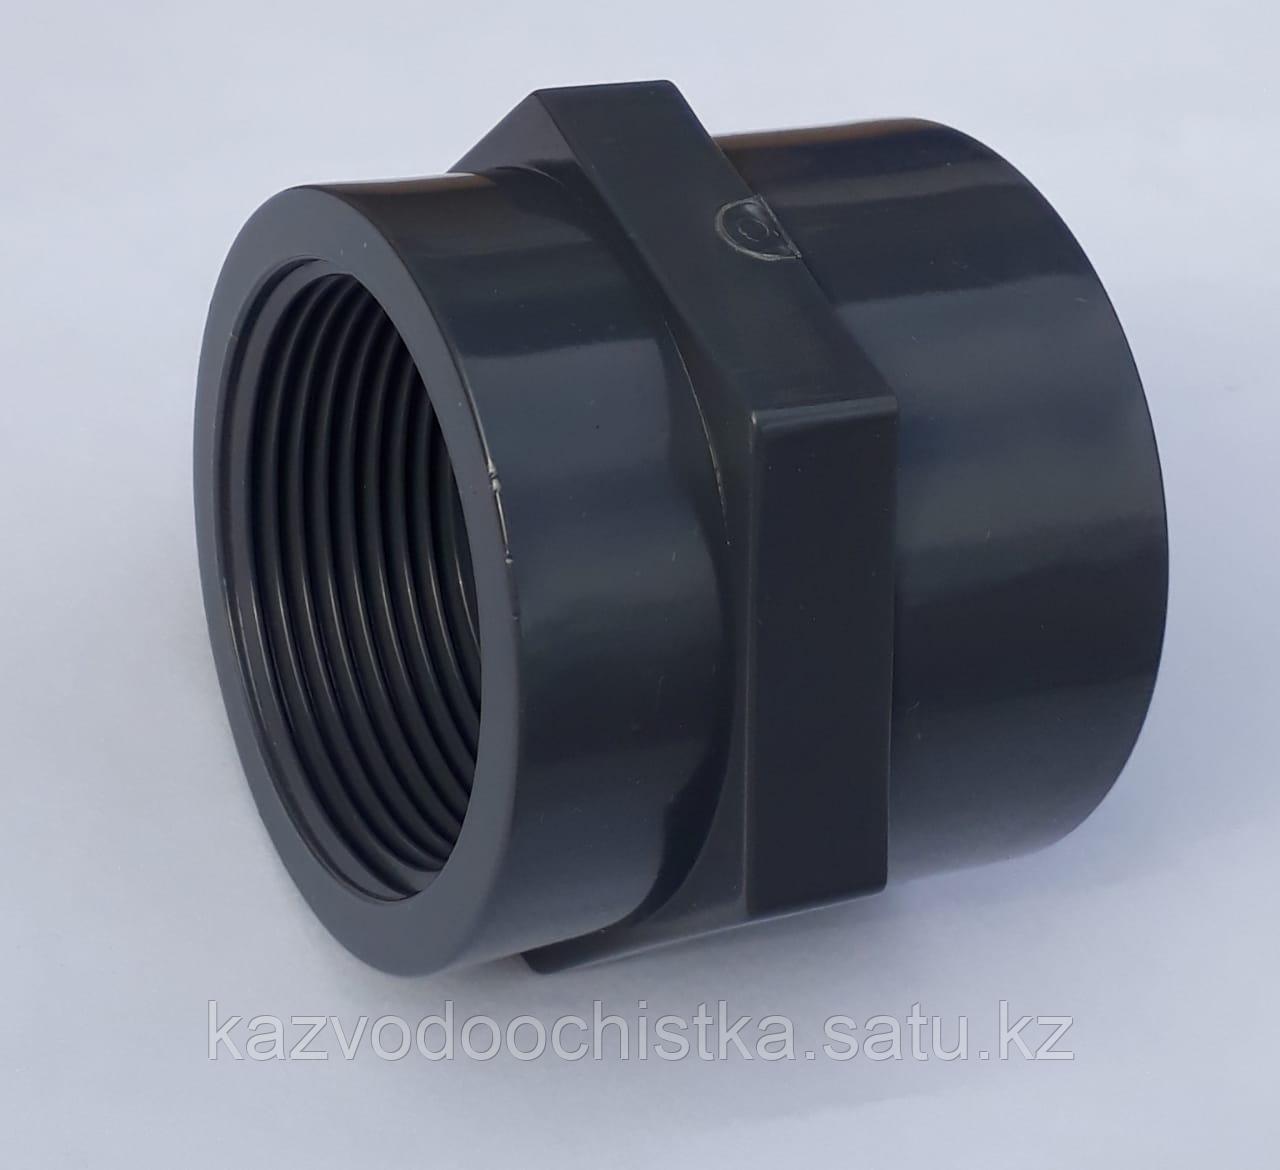 ПВХ Муфта с внутренней резьбой (FEMALE ADAPTOR) 25 мм.